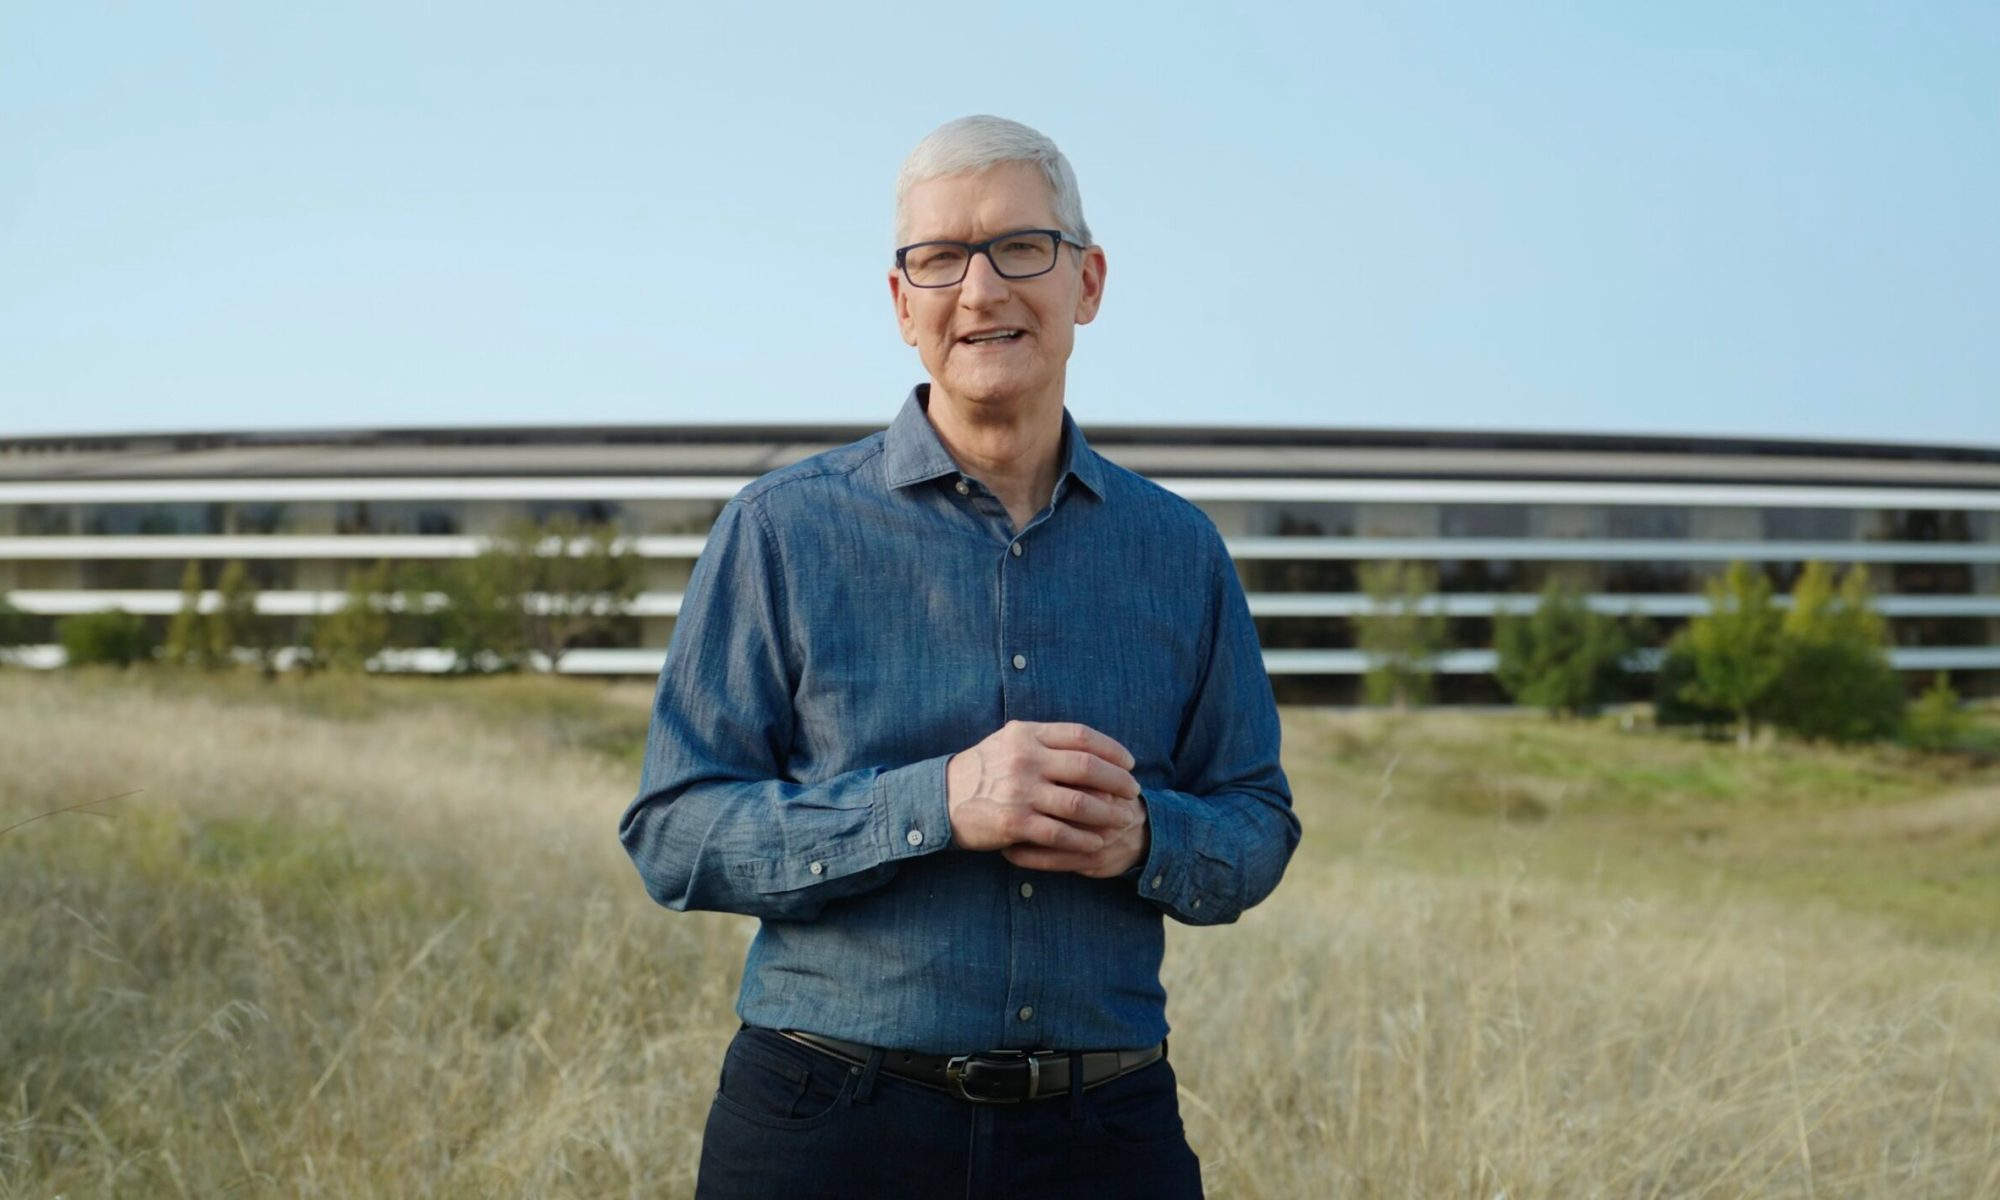 Todo lo que Apple ha presentado en el evento Unleashed: Nuevos MacBook Pro, AirPods 3 y más